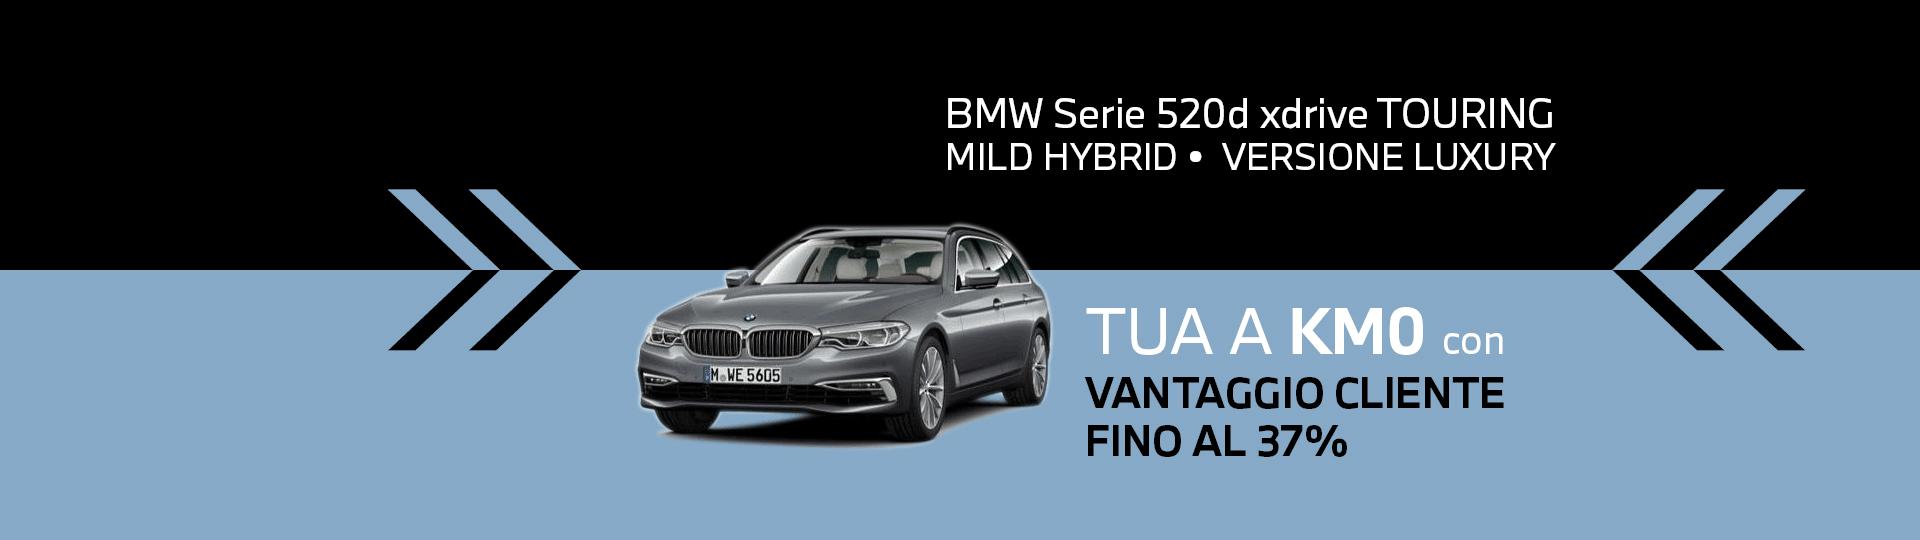 BMW_Serie-5-Touring-KM0_novembre_sito2-min.png